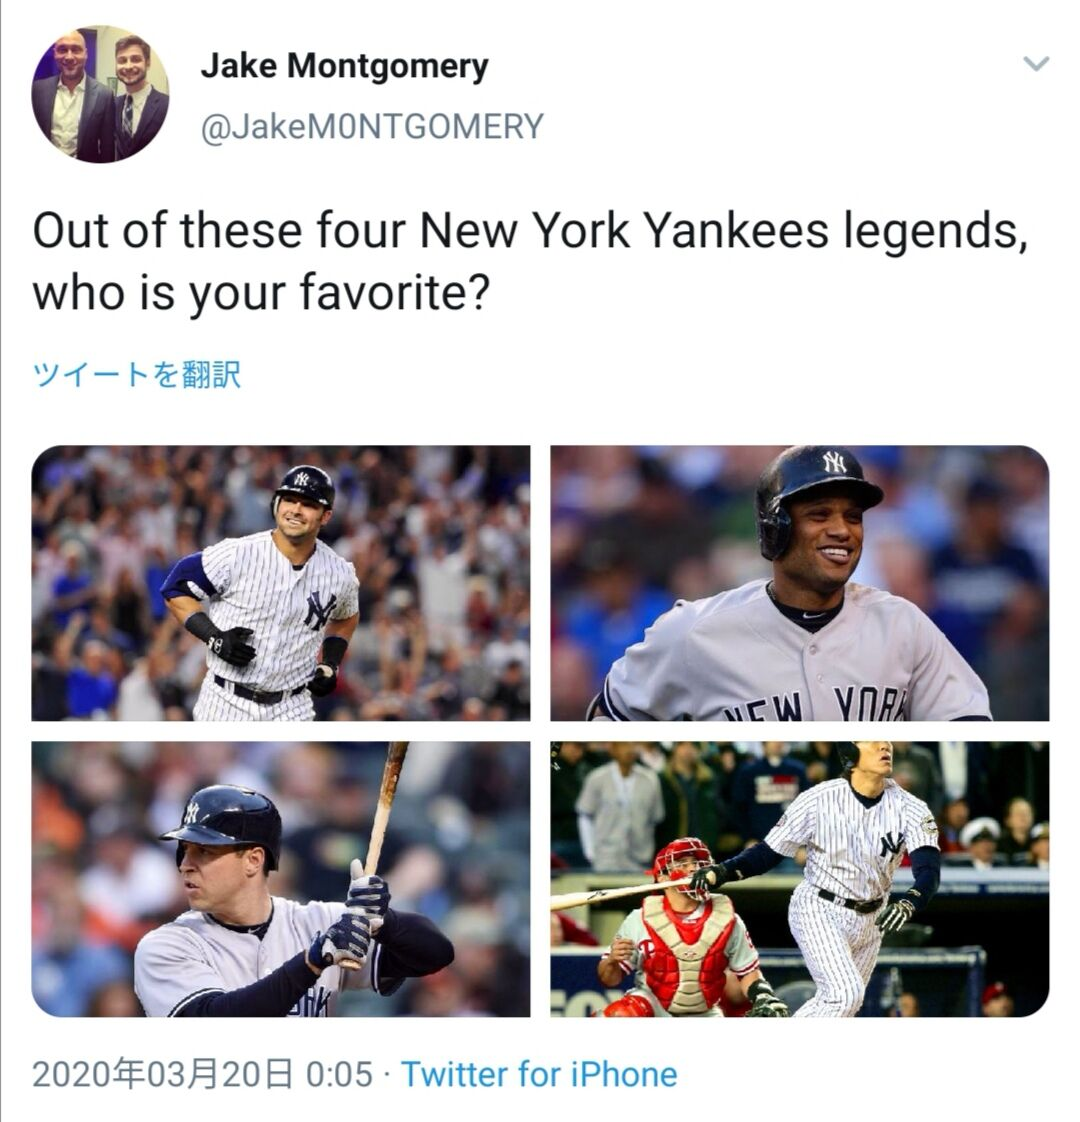 【朗報】松井秀喜、ガチのマジでニューヨーカーに愛されていた